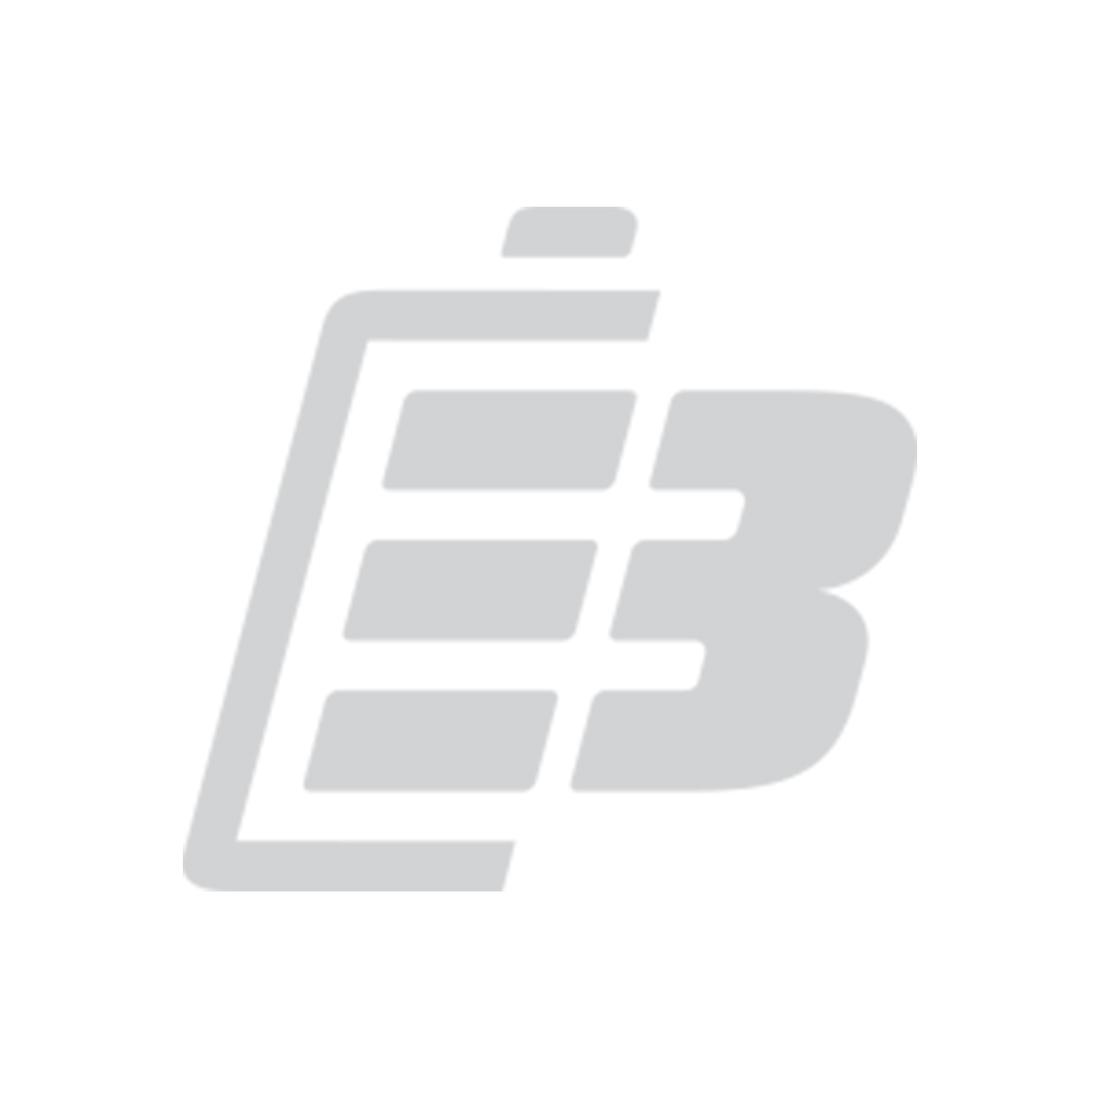 Μπαταρια Μολυβδου Multipower 12V 3,4Ah